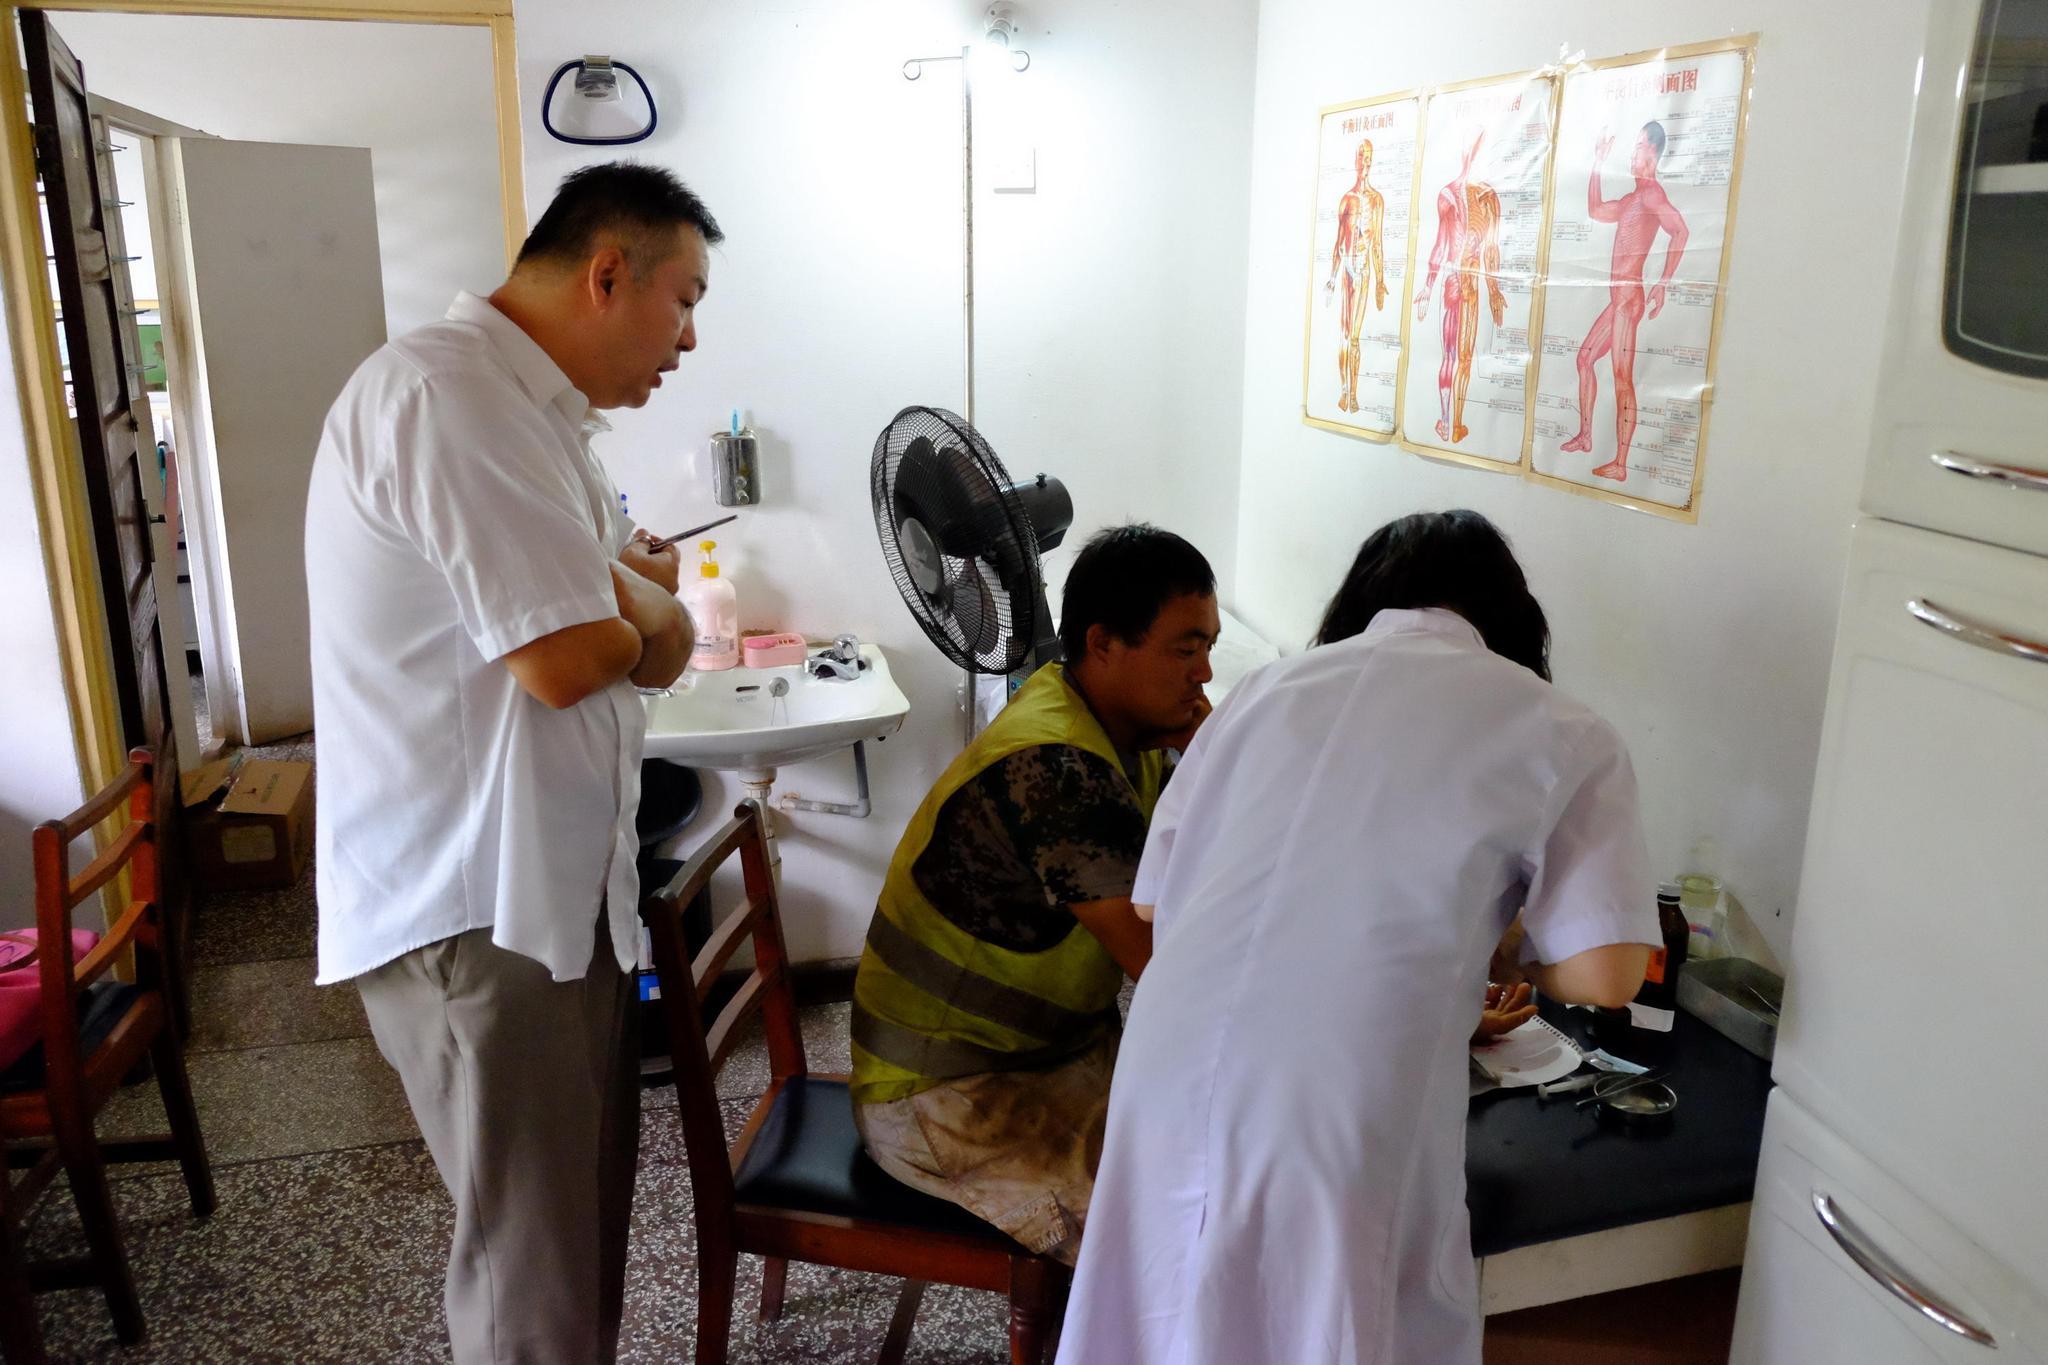 11月21日,萧可佳(左一)与另一名医生曹珂为手指受伤的患者处理伤口。